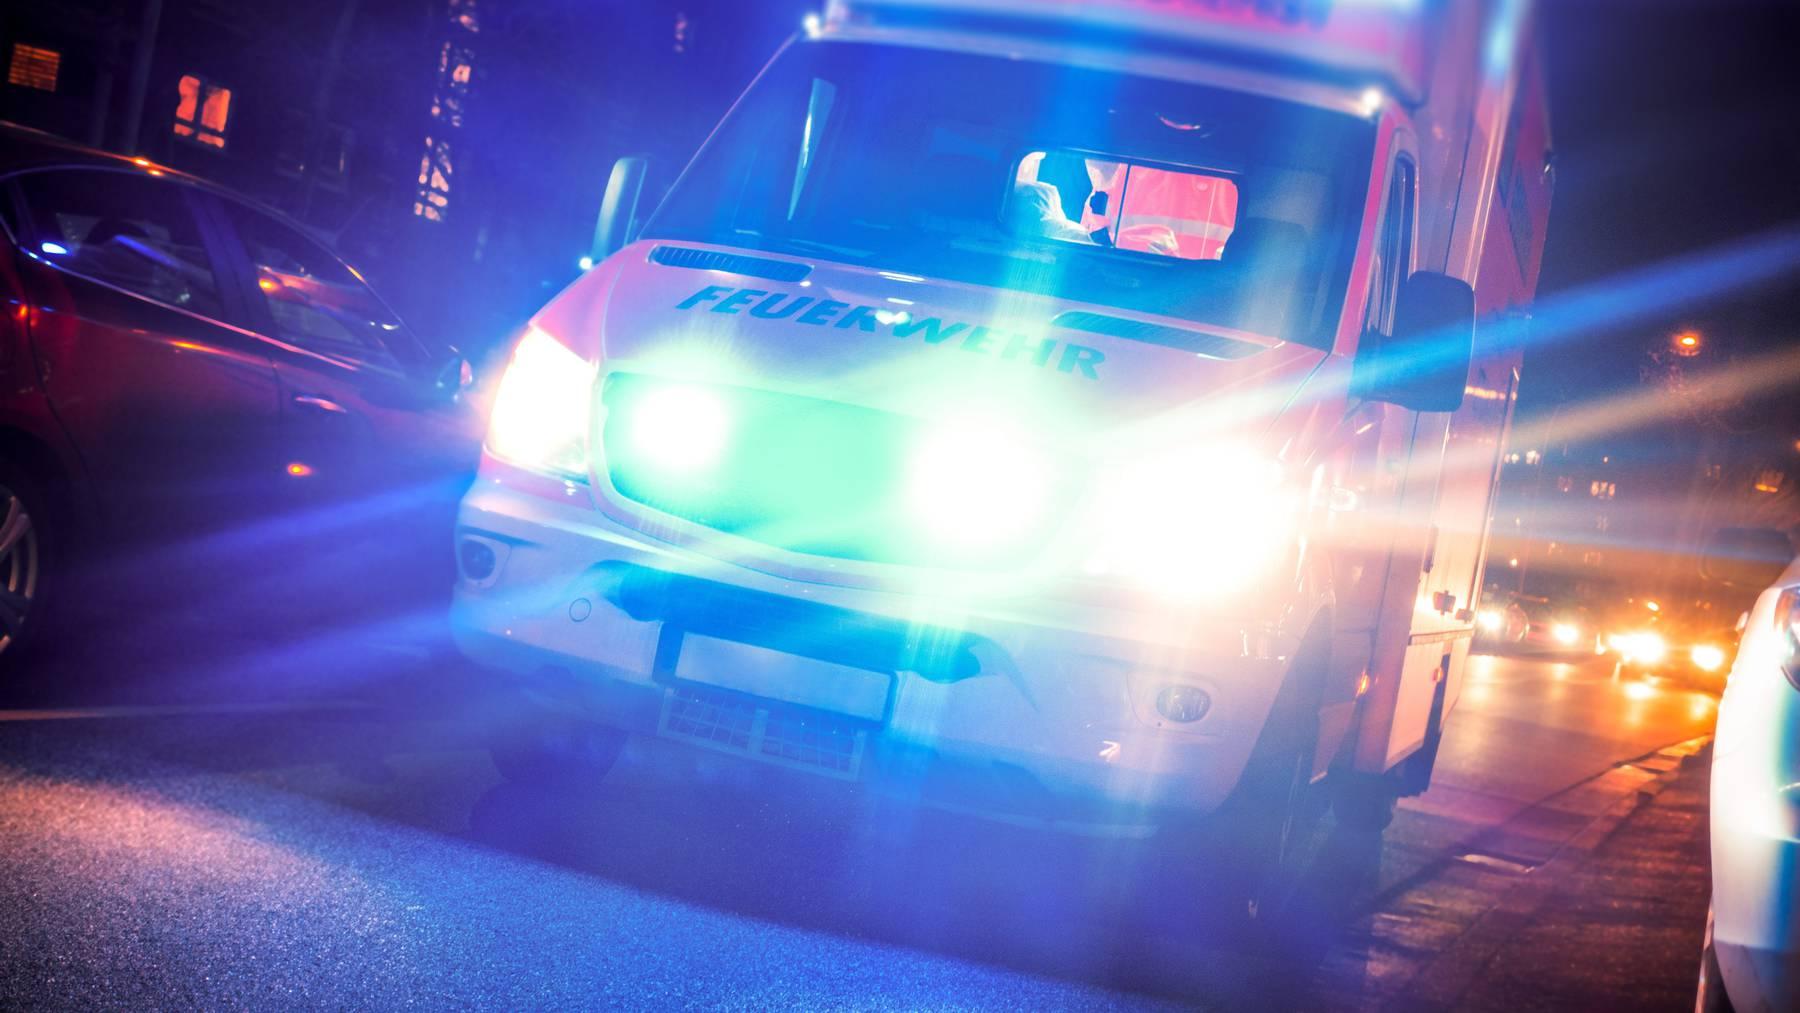 Ein 21-Jähriger verliess auf dem Weg ins Spital das Rettungsfahrzeug. (Symbolbild)